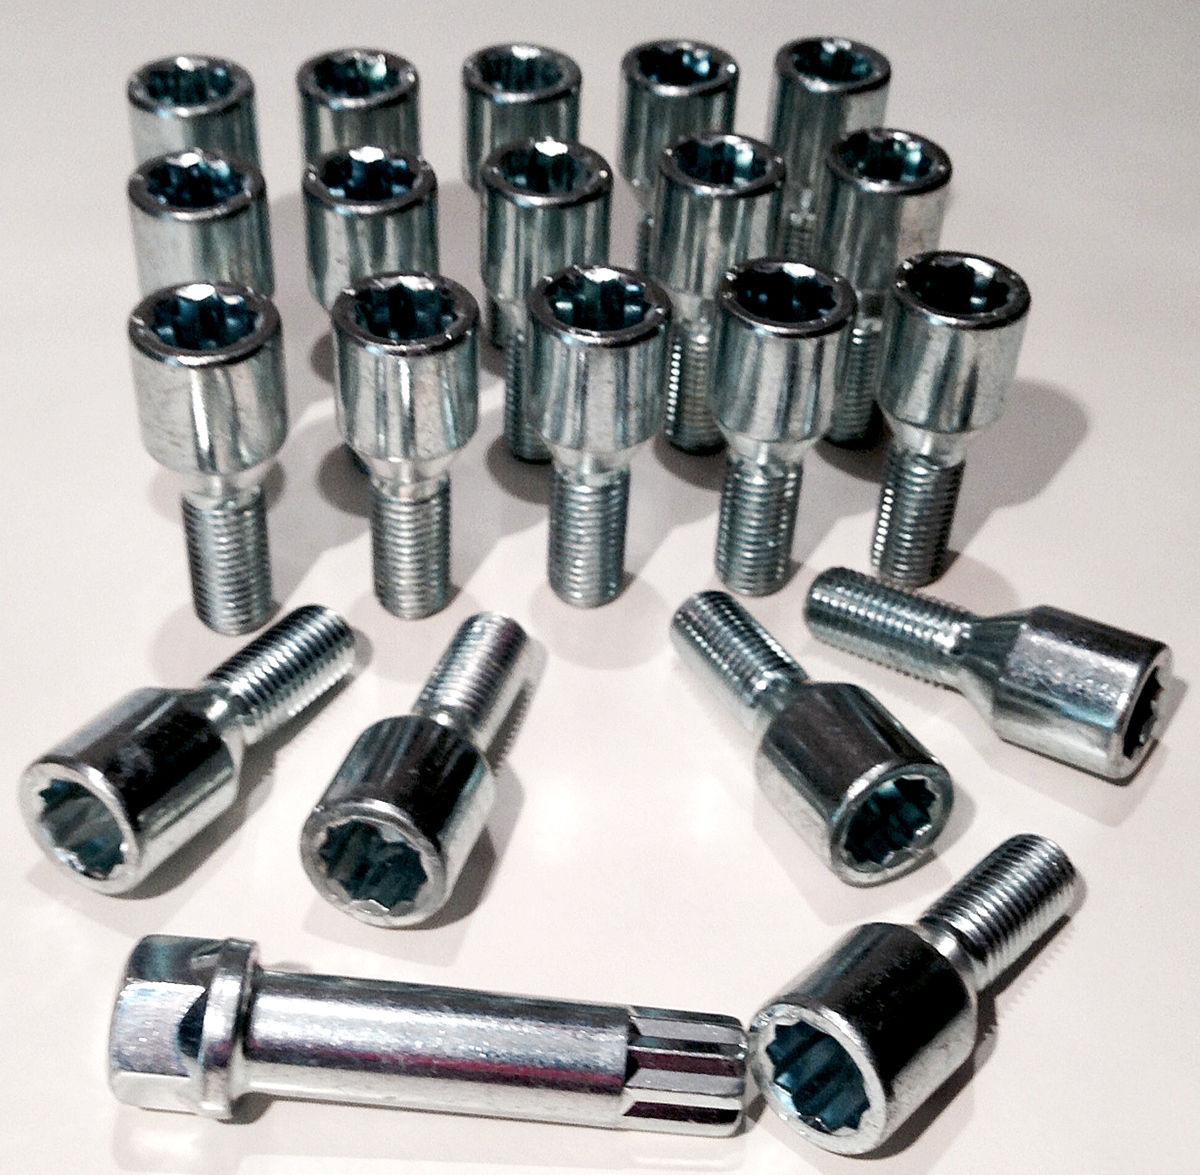 taper seat x 20 17mm Hex wheel bolts in Black M12 x 1.5 m12x1.5